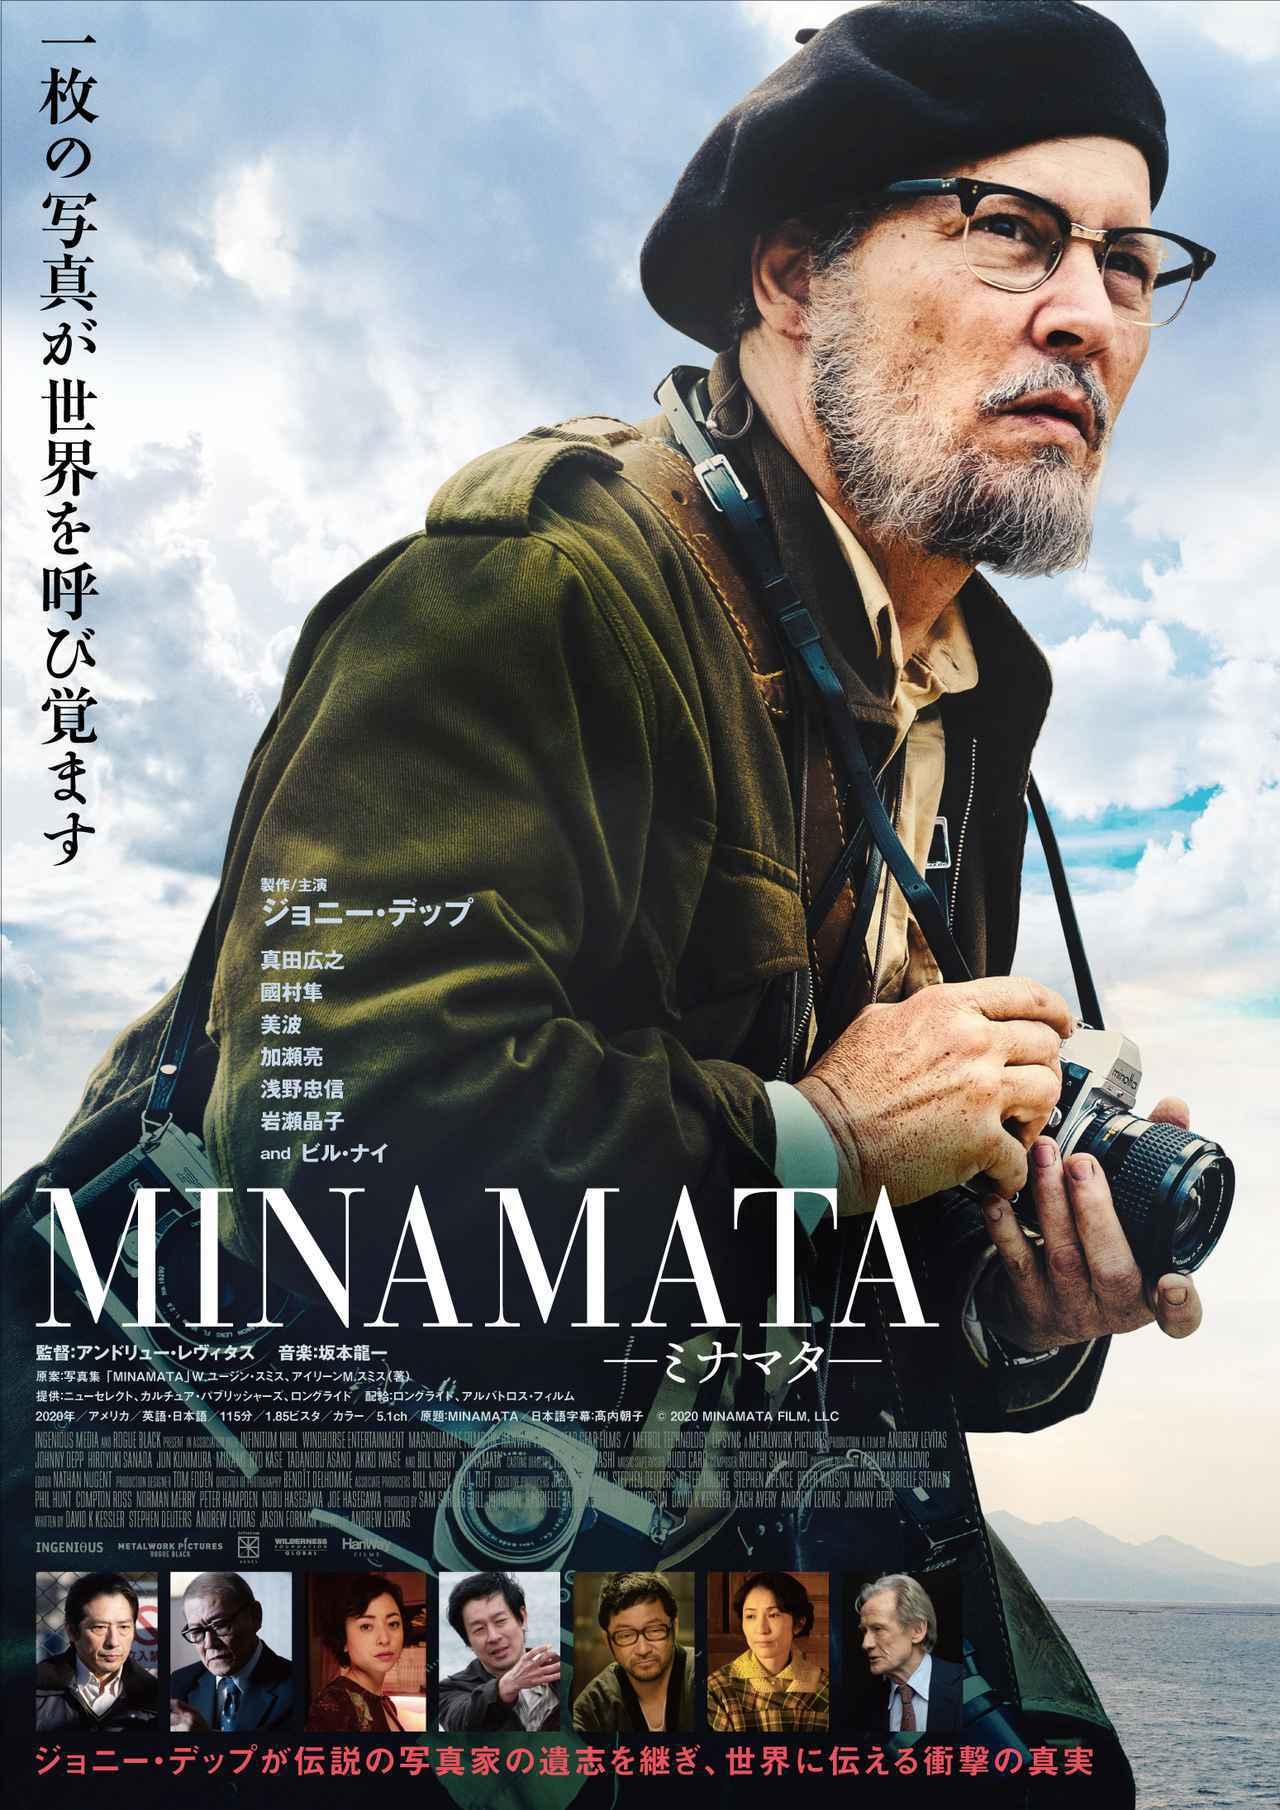 画像: 『MINAMATA―ミナマター』 (9/23(木・祝)、TOHOシネマズ 日比谷他にて絶賛公開中